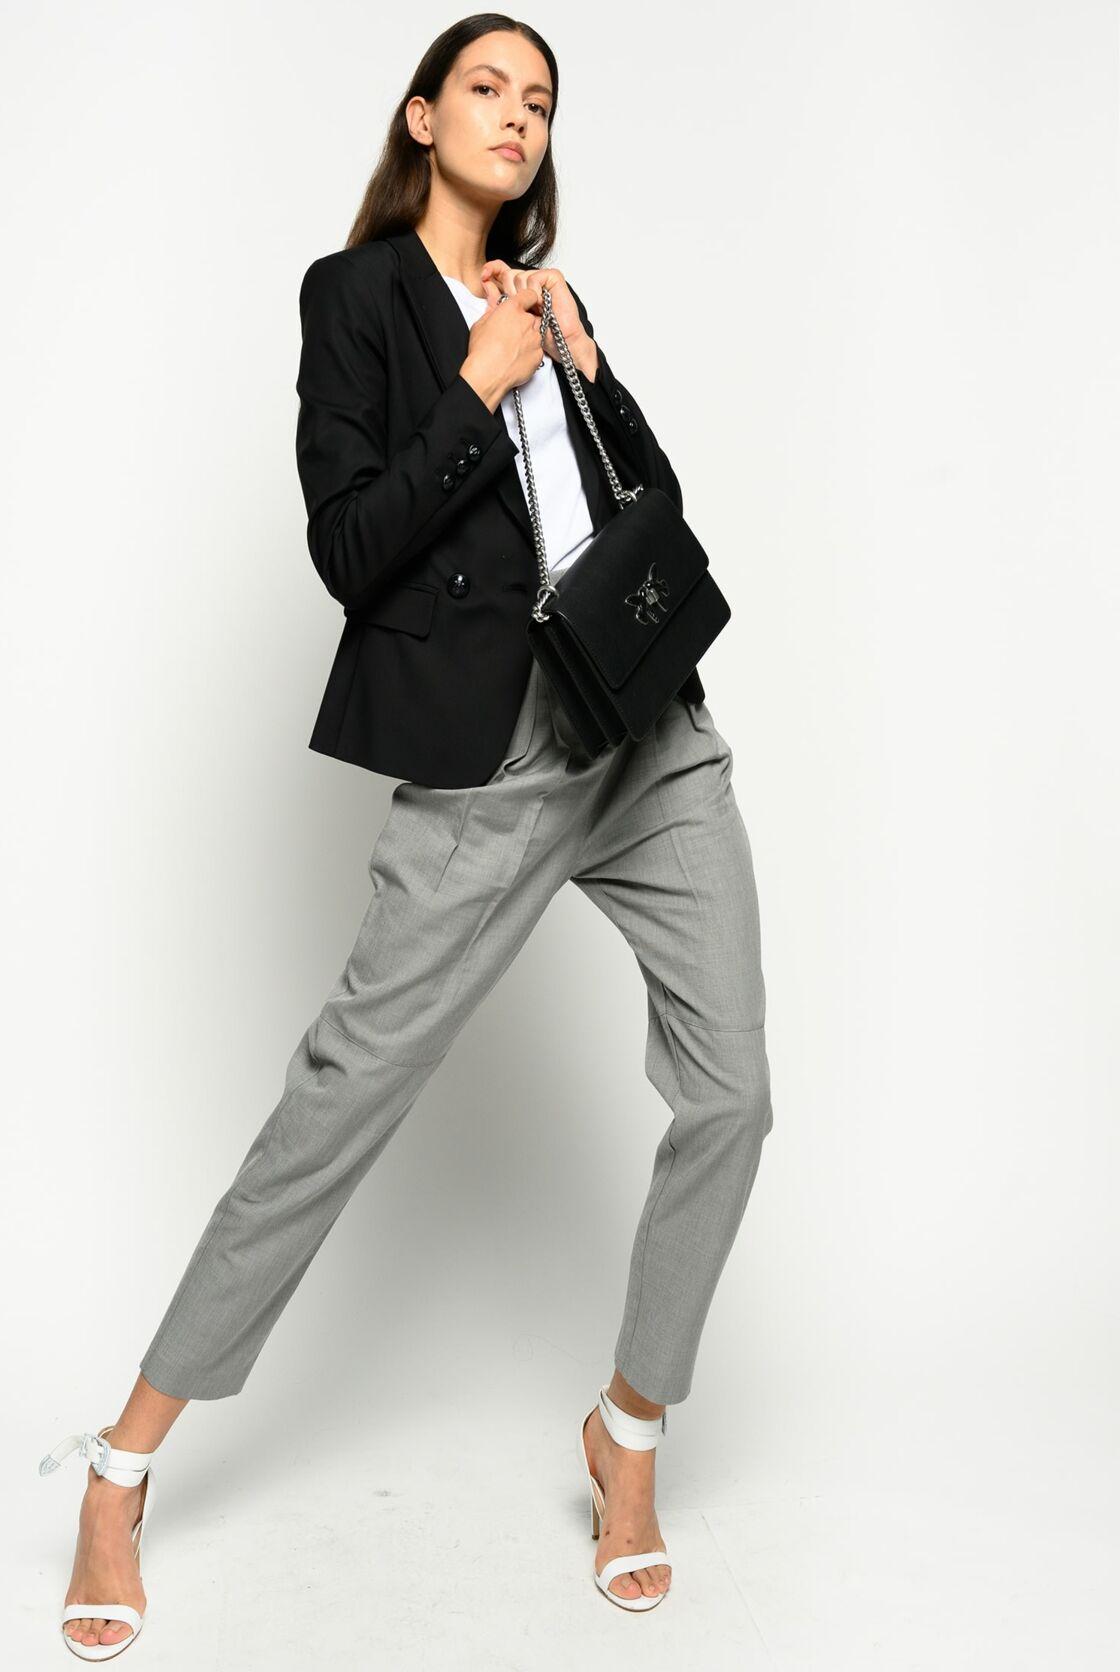 Le t-shirt blanc se porte aussi avec un tailleur pour une tenue de bureau élégante et décontractée